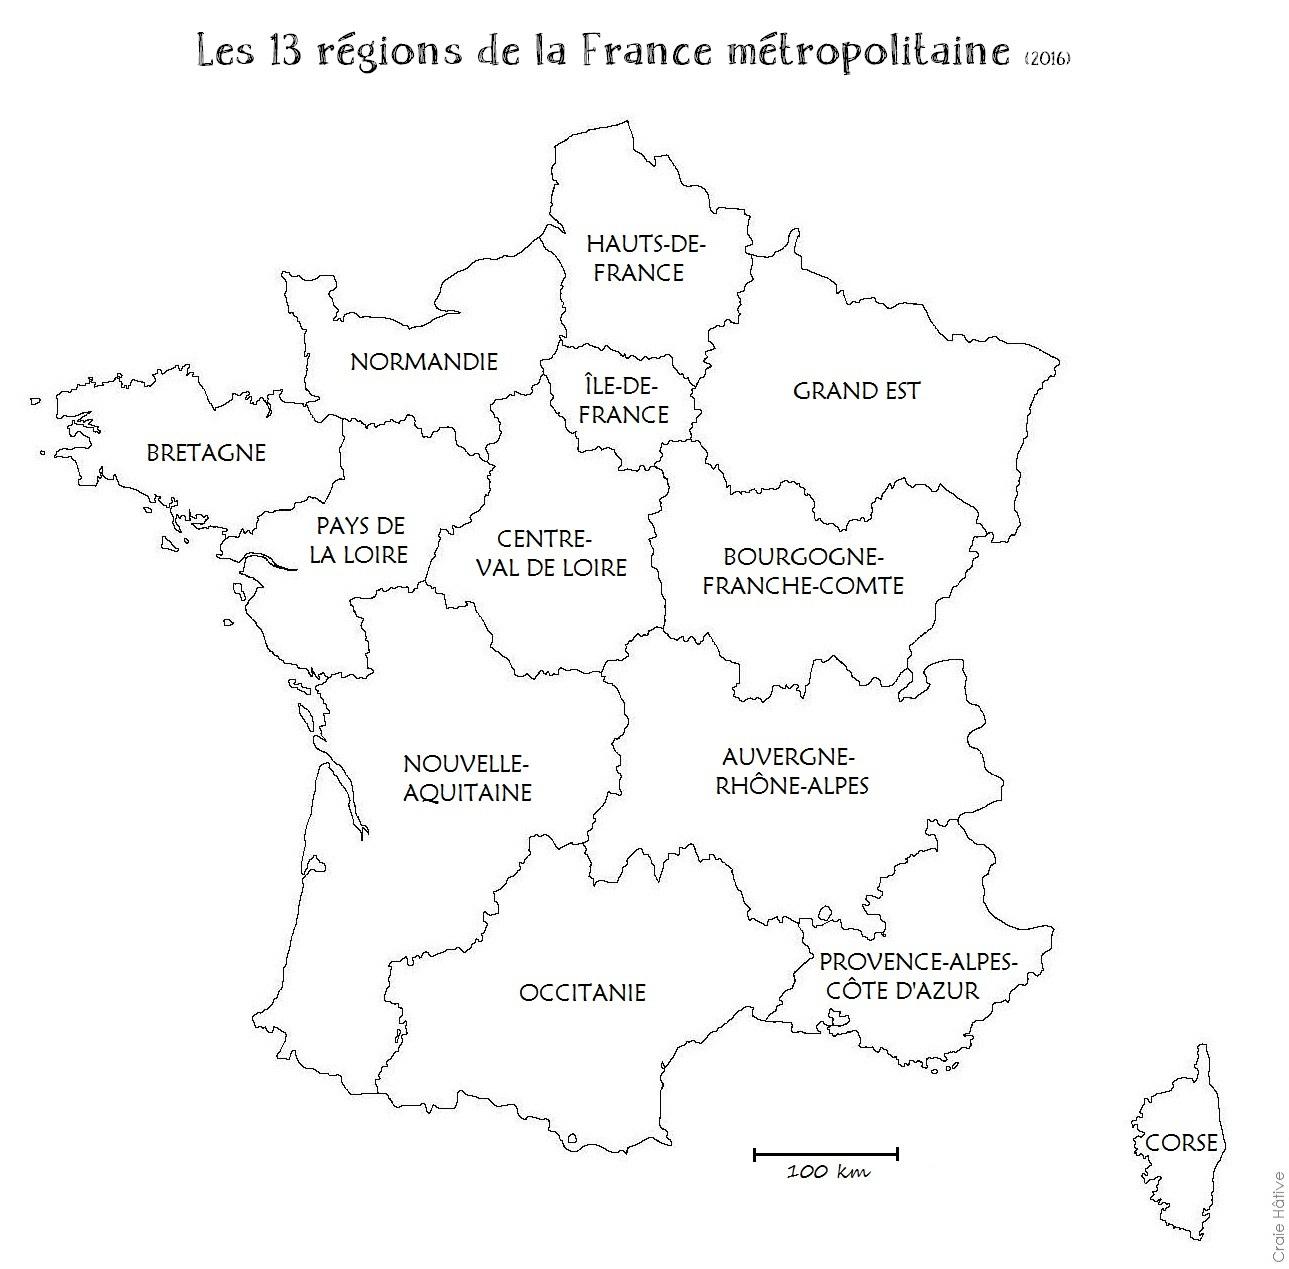 Cartes Des Régions De La France Métropolitaine - 2016 dedans Carte Des 13 Régions